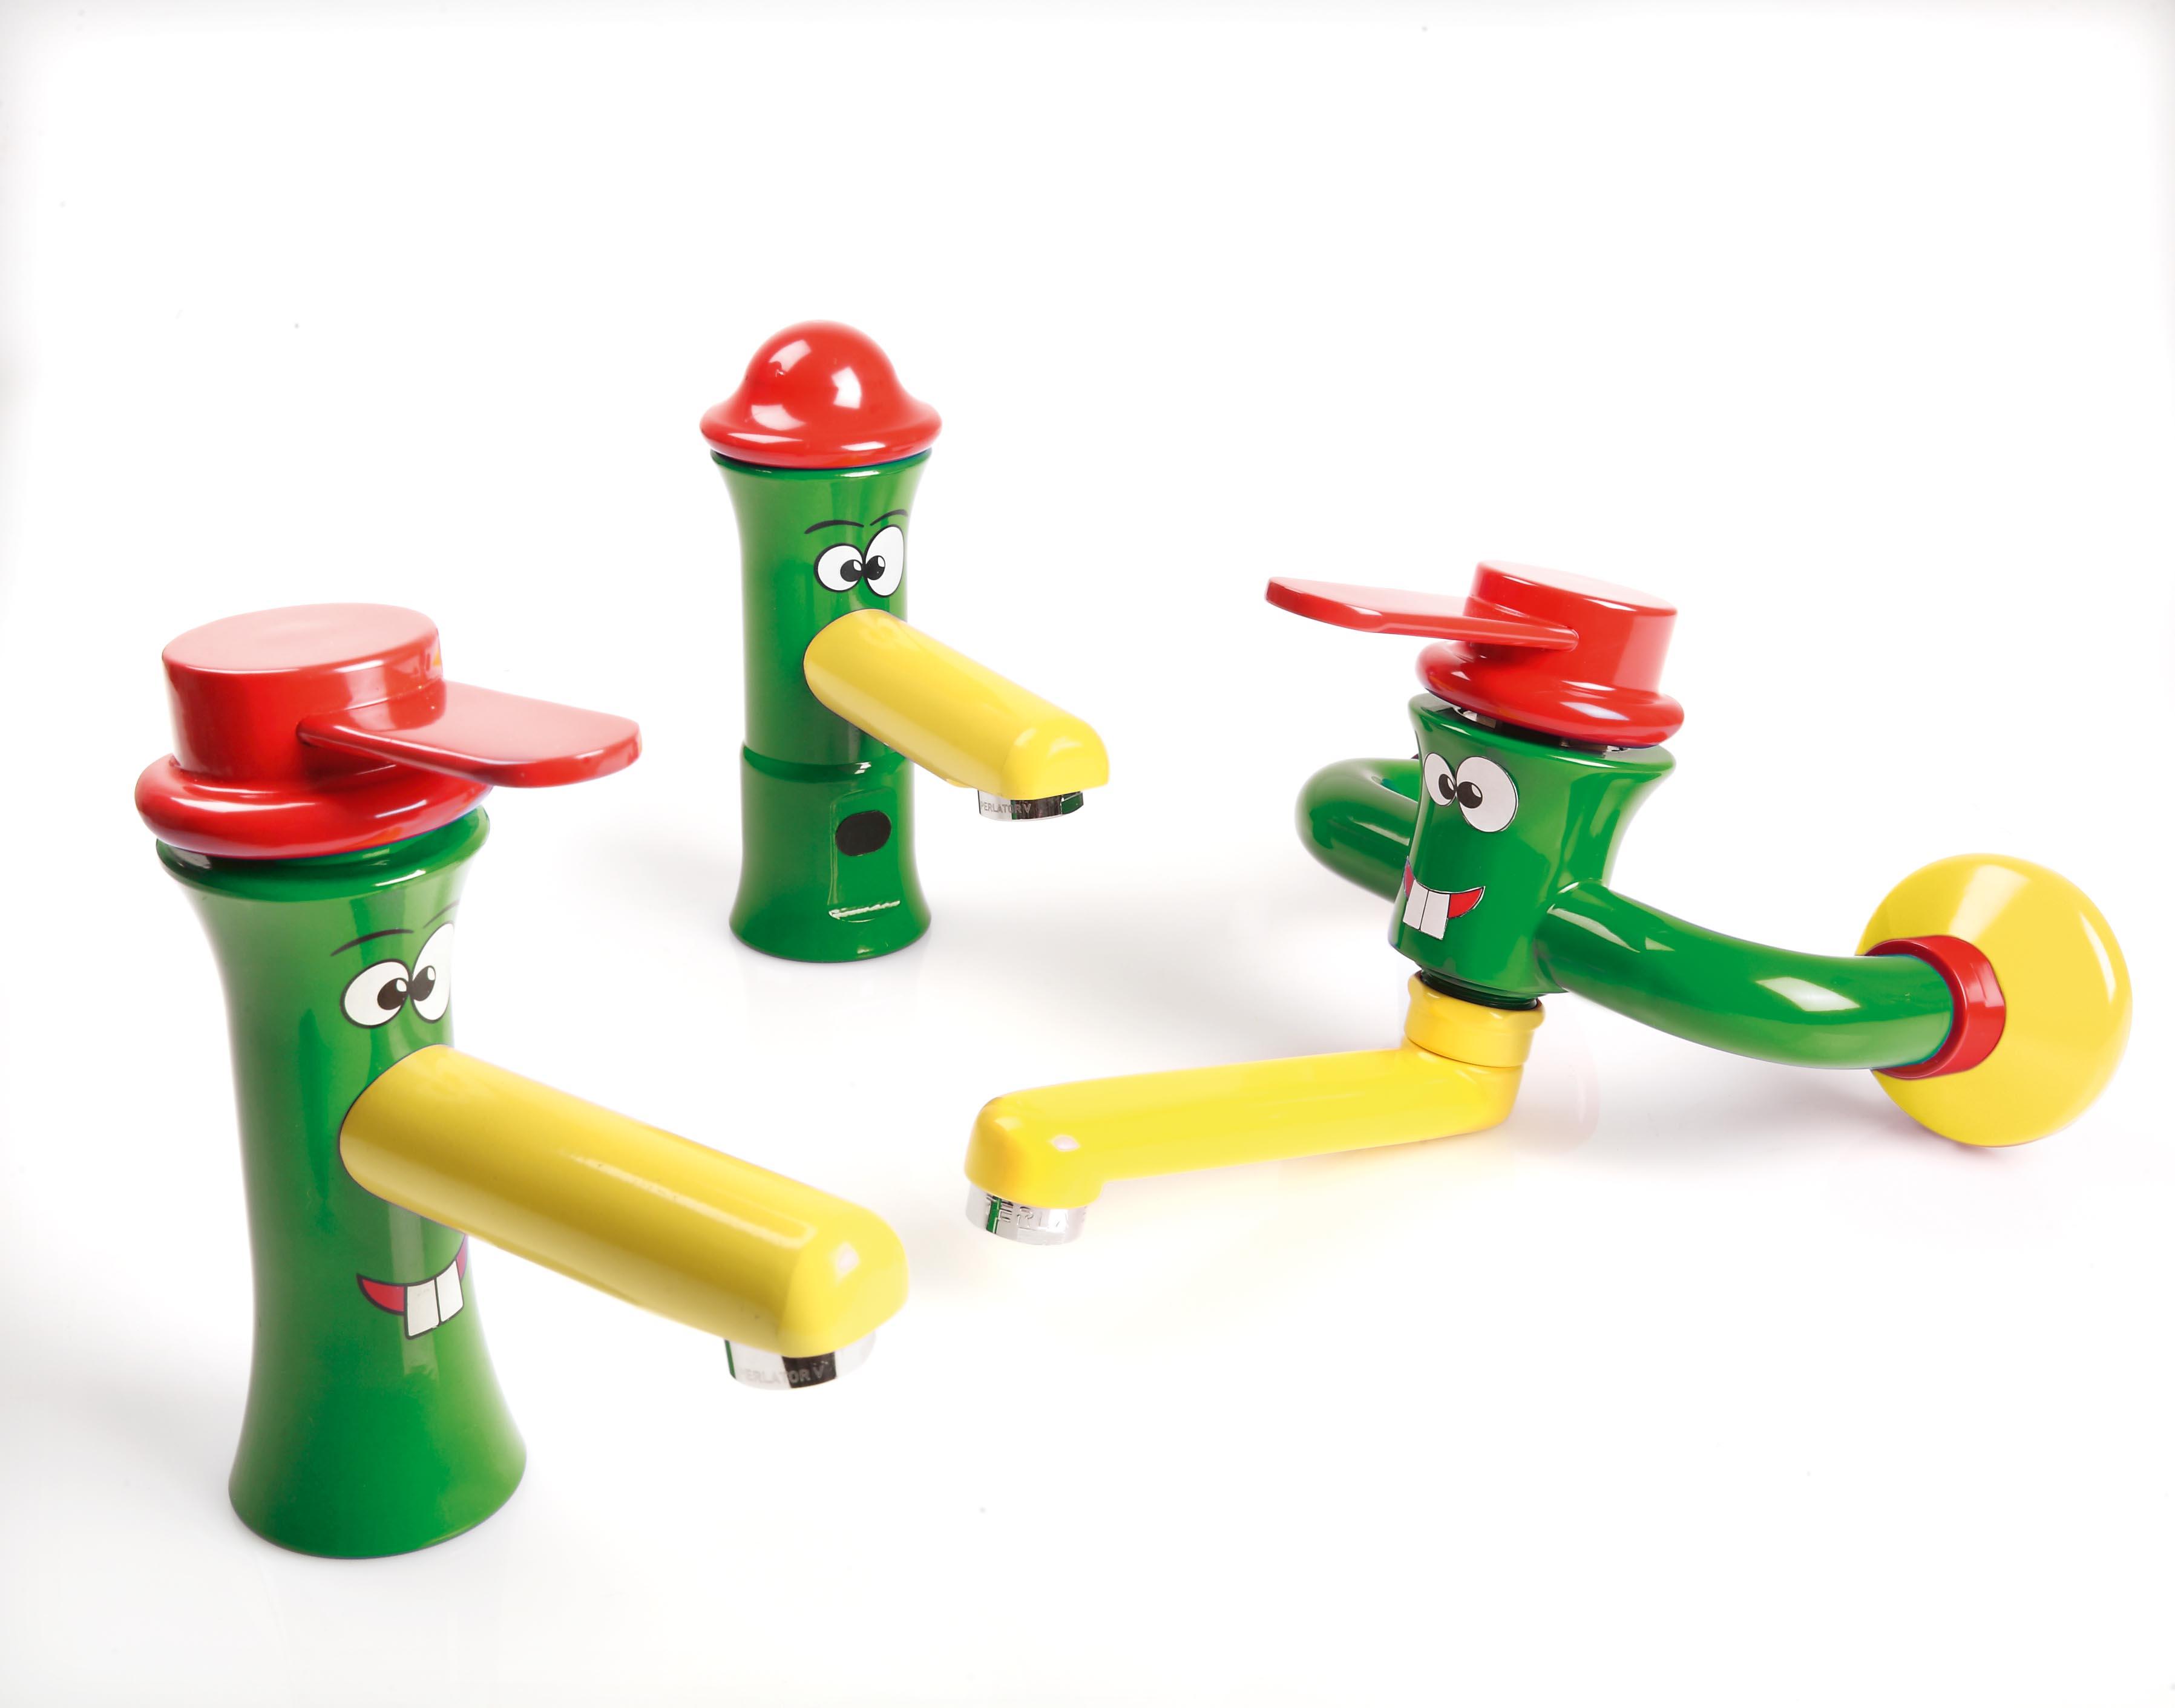 Linea di rubinetti accessori colorati e sanitari per bambini commercio idrotermosanitario - Accessori bagno colorati ...